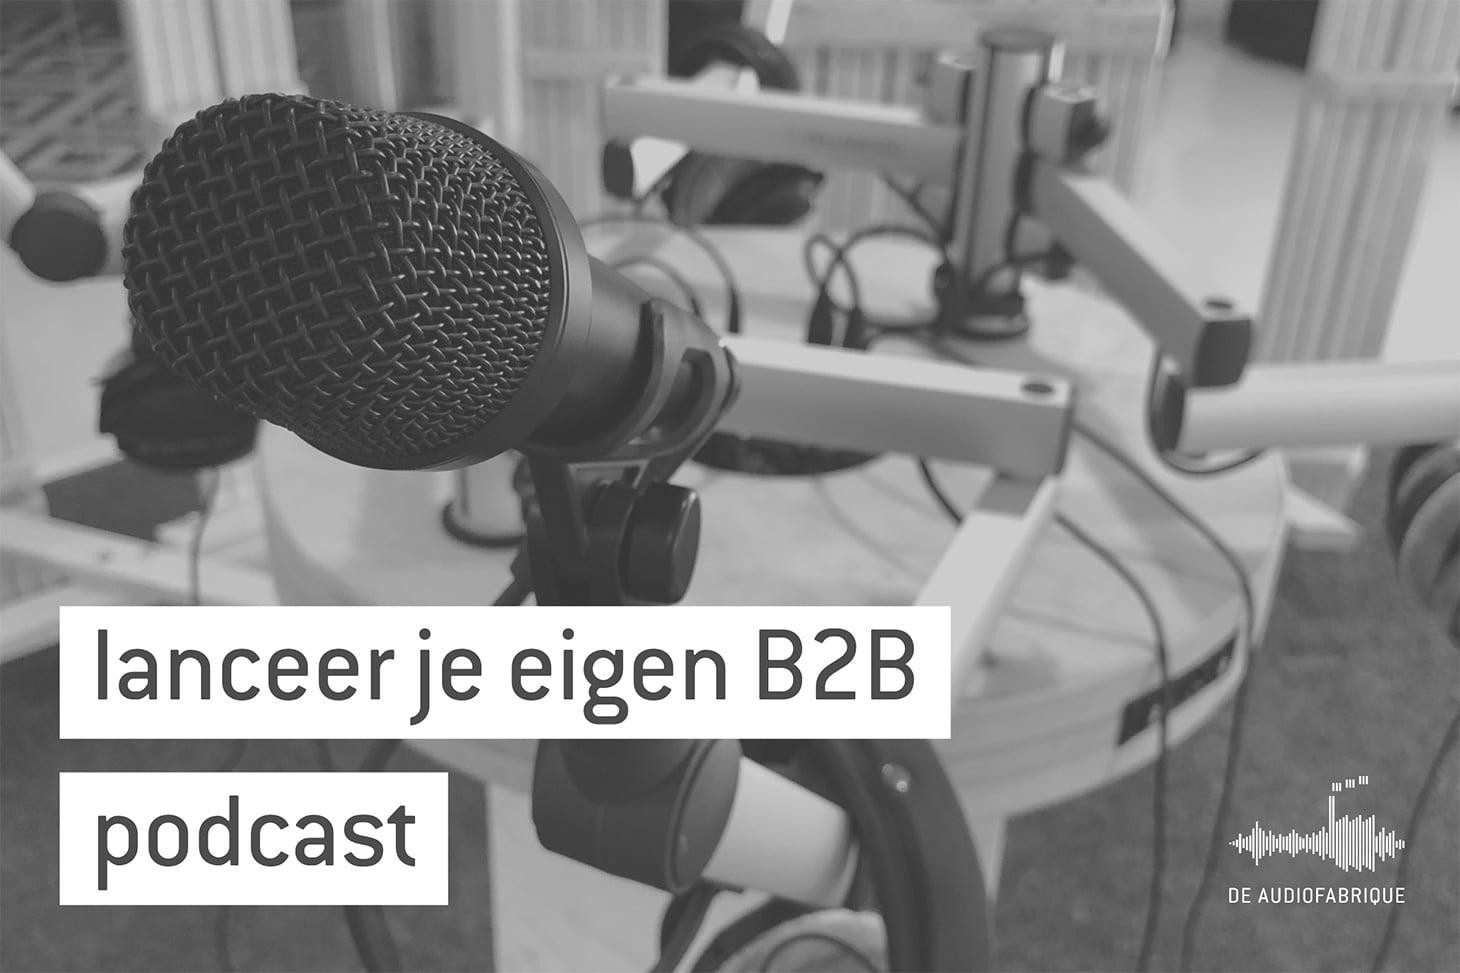 lanceer je eigen b2b podcast